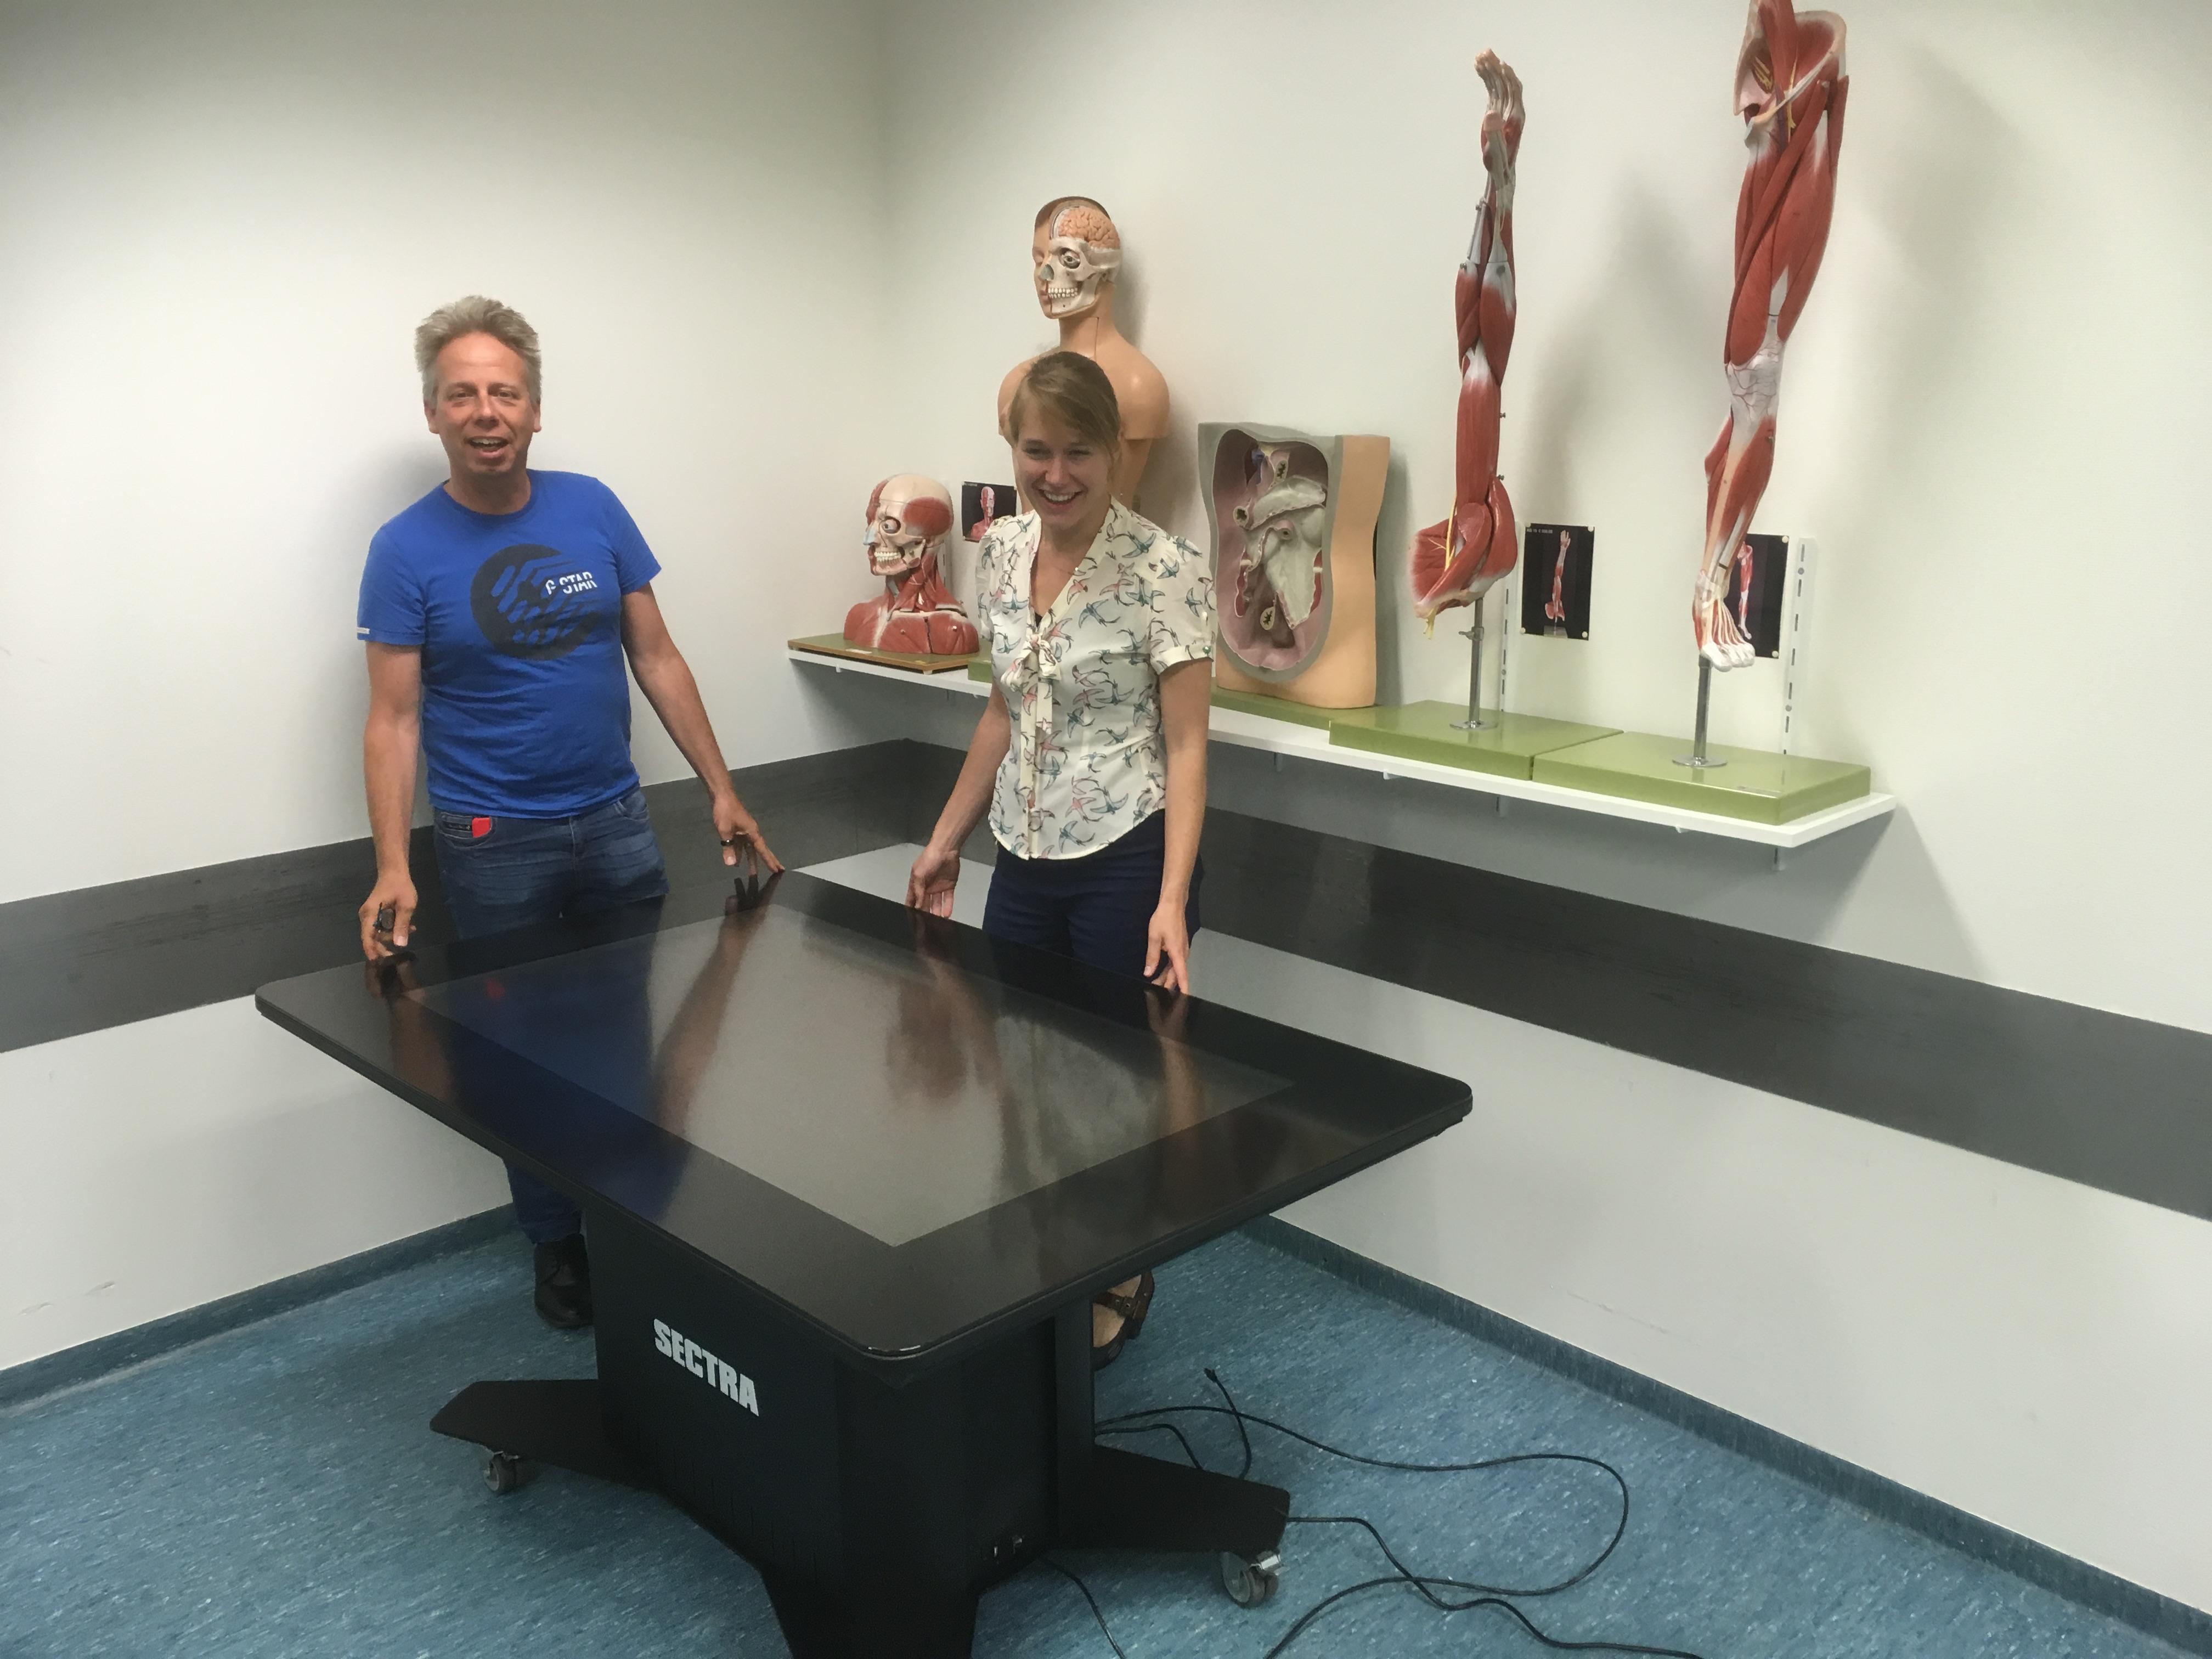 Amsterdam UMC Locatie AMC - Anatomie met een interactieve tafel